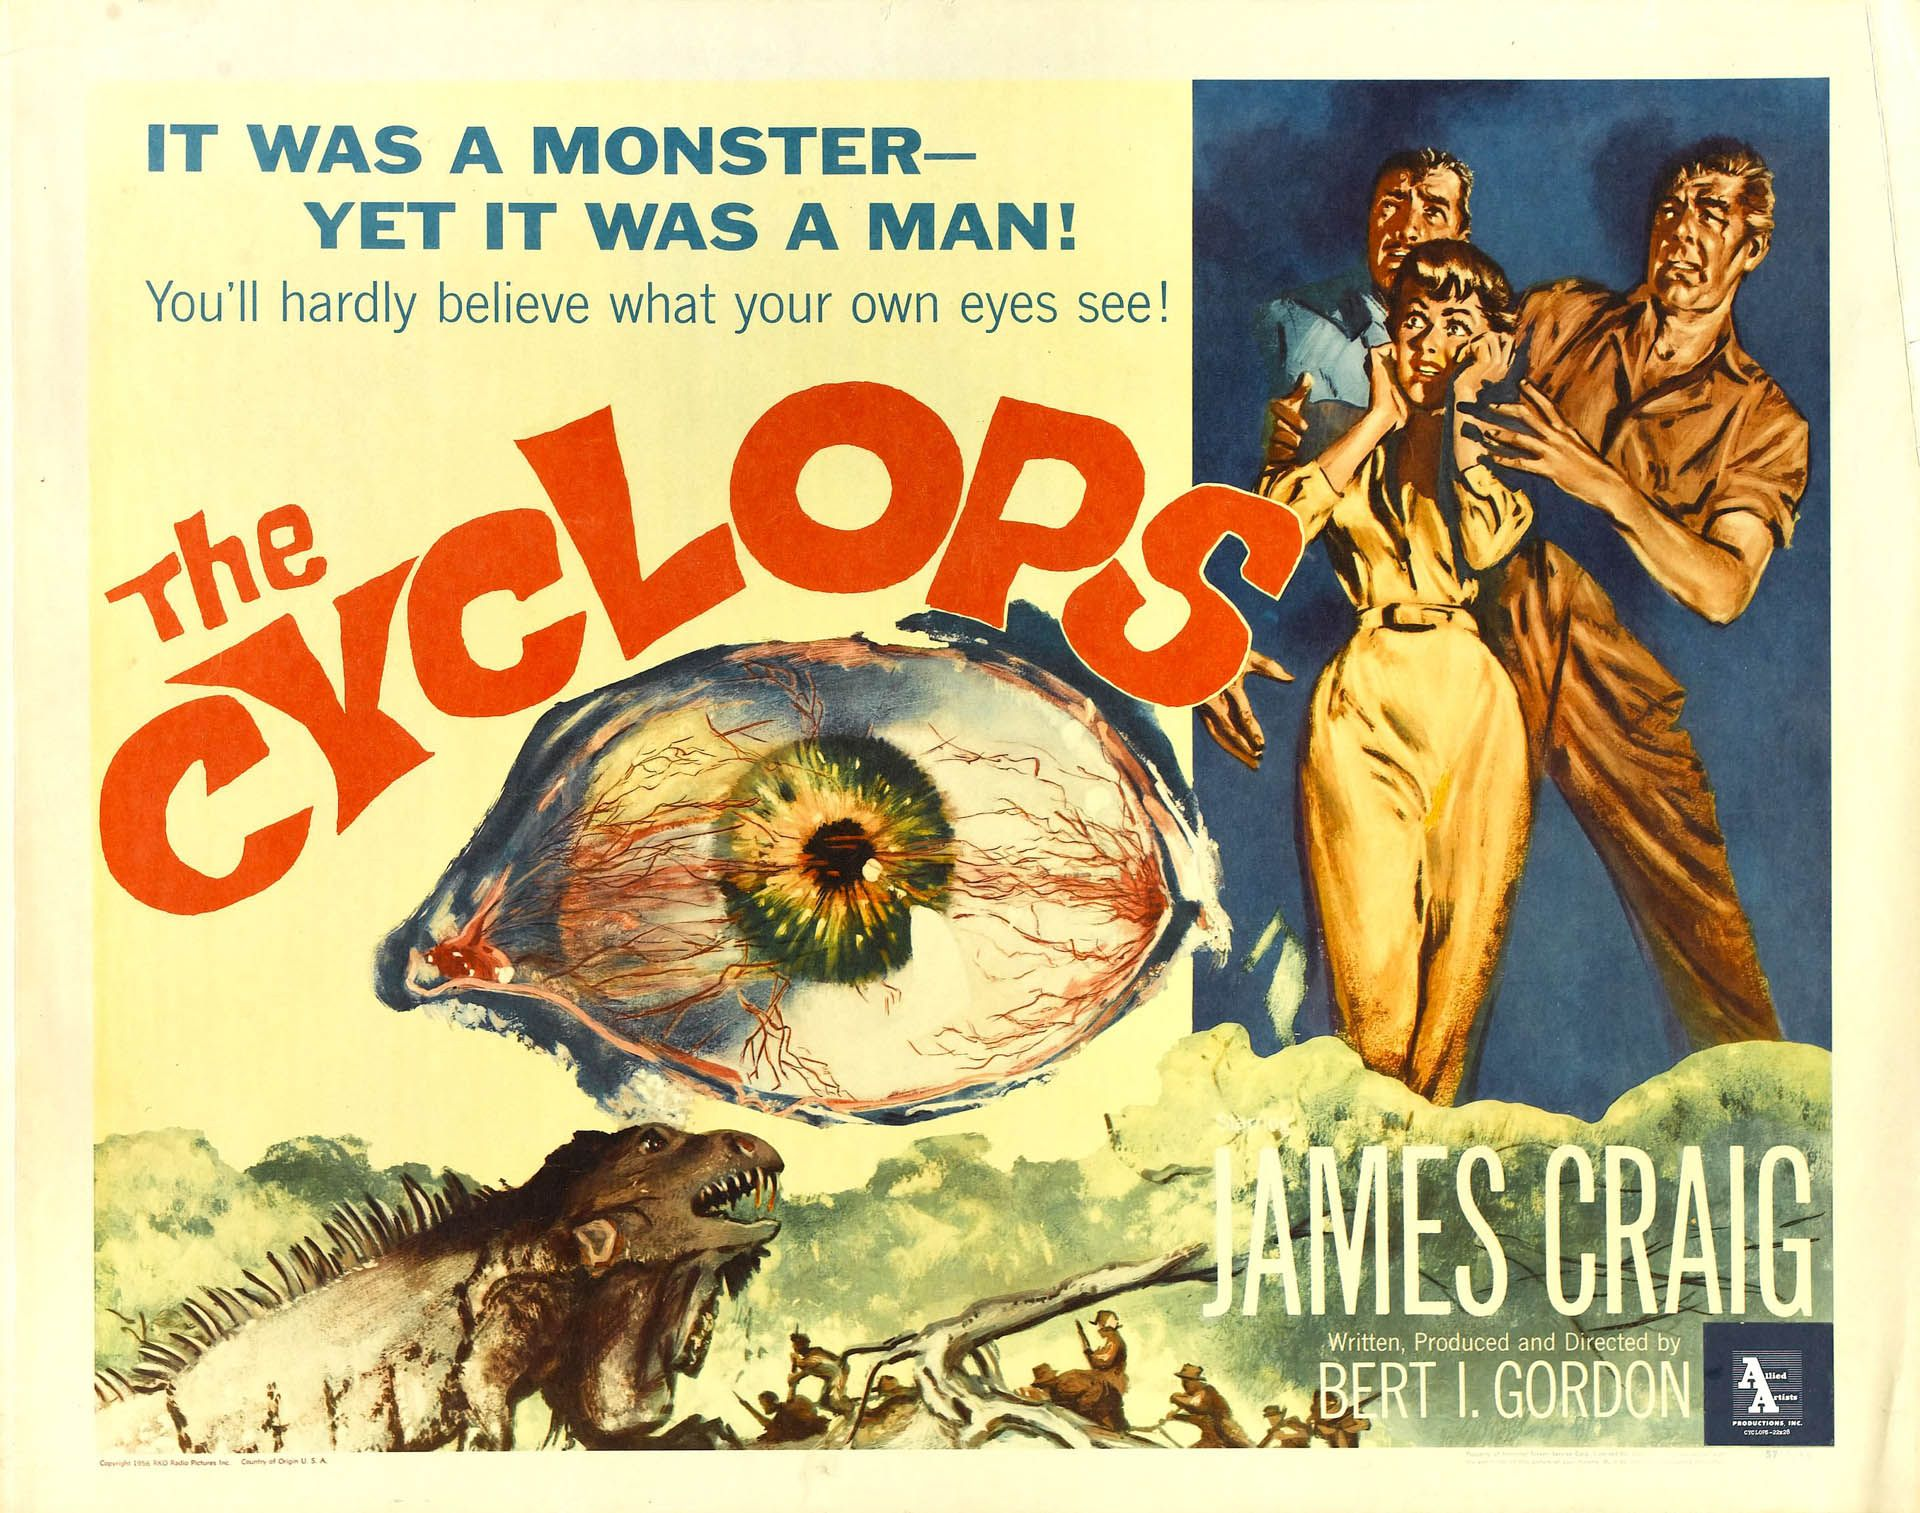 1950 S Vintage Movie Posters